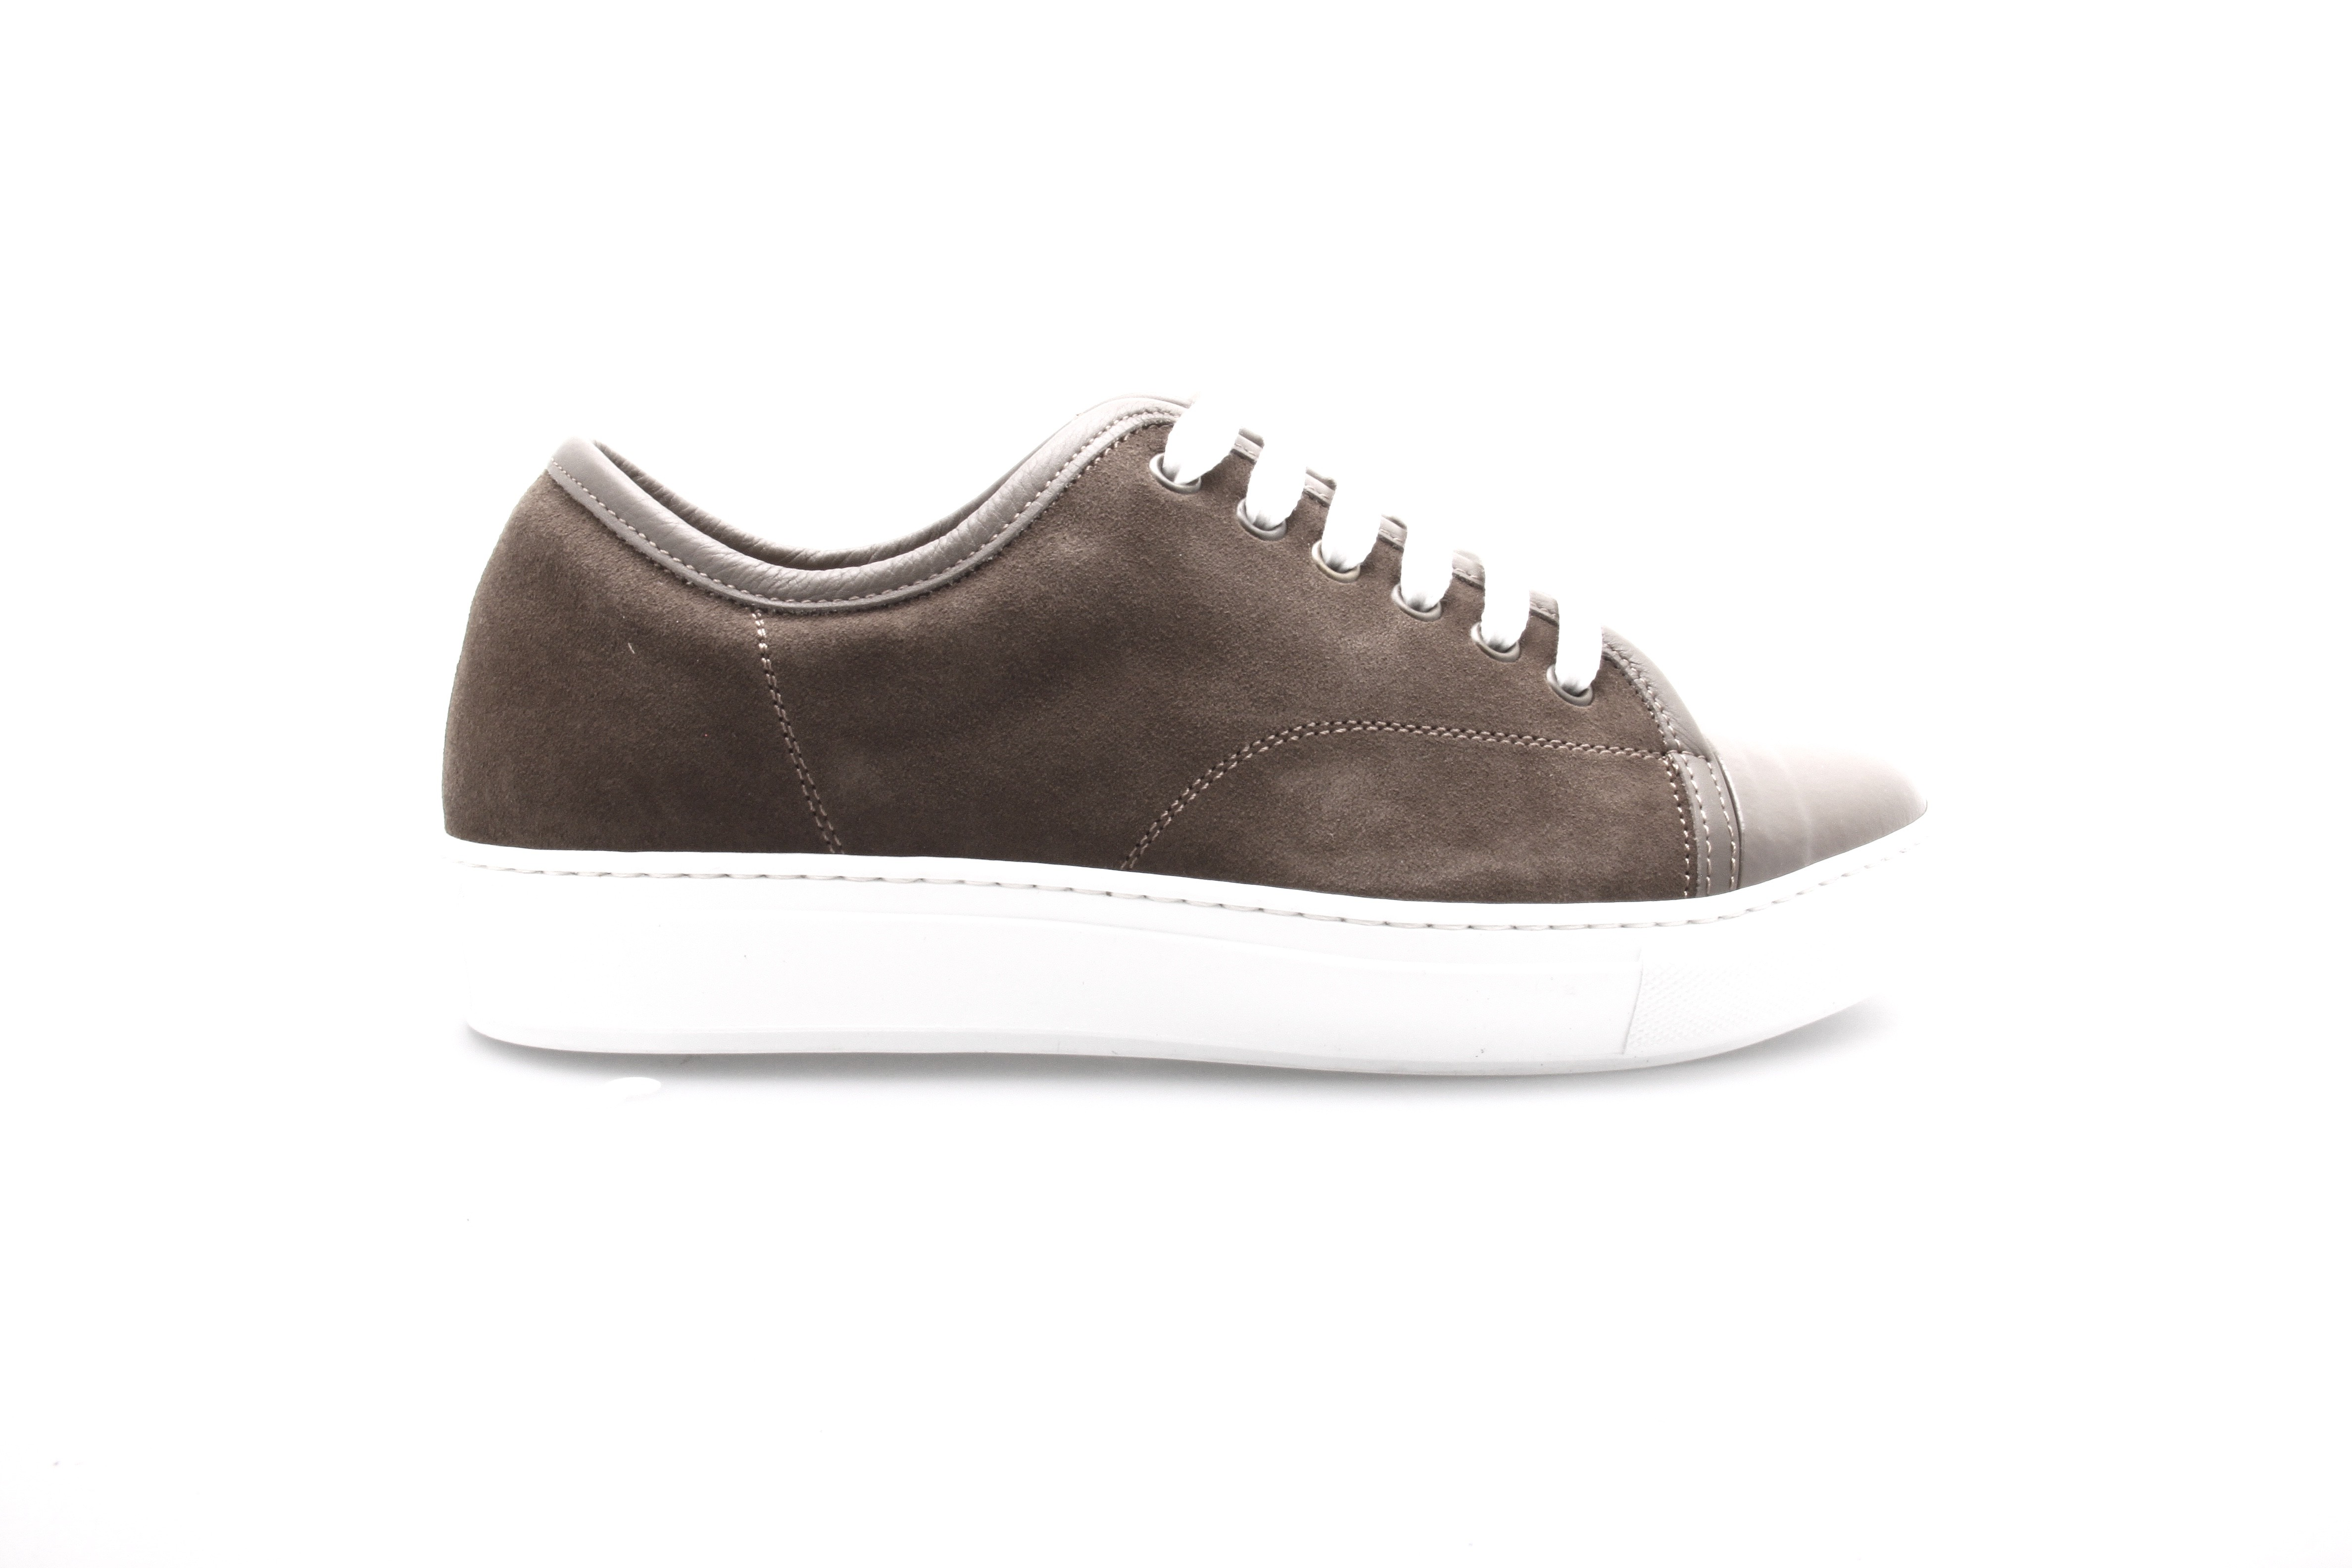 Sneakers Paris : Noisette - Veau Velours (Shoes)